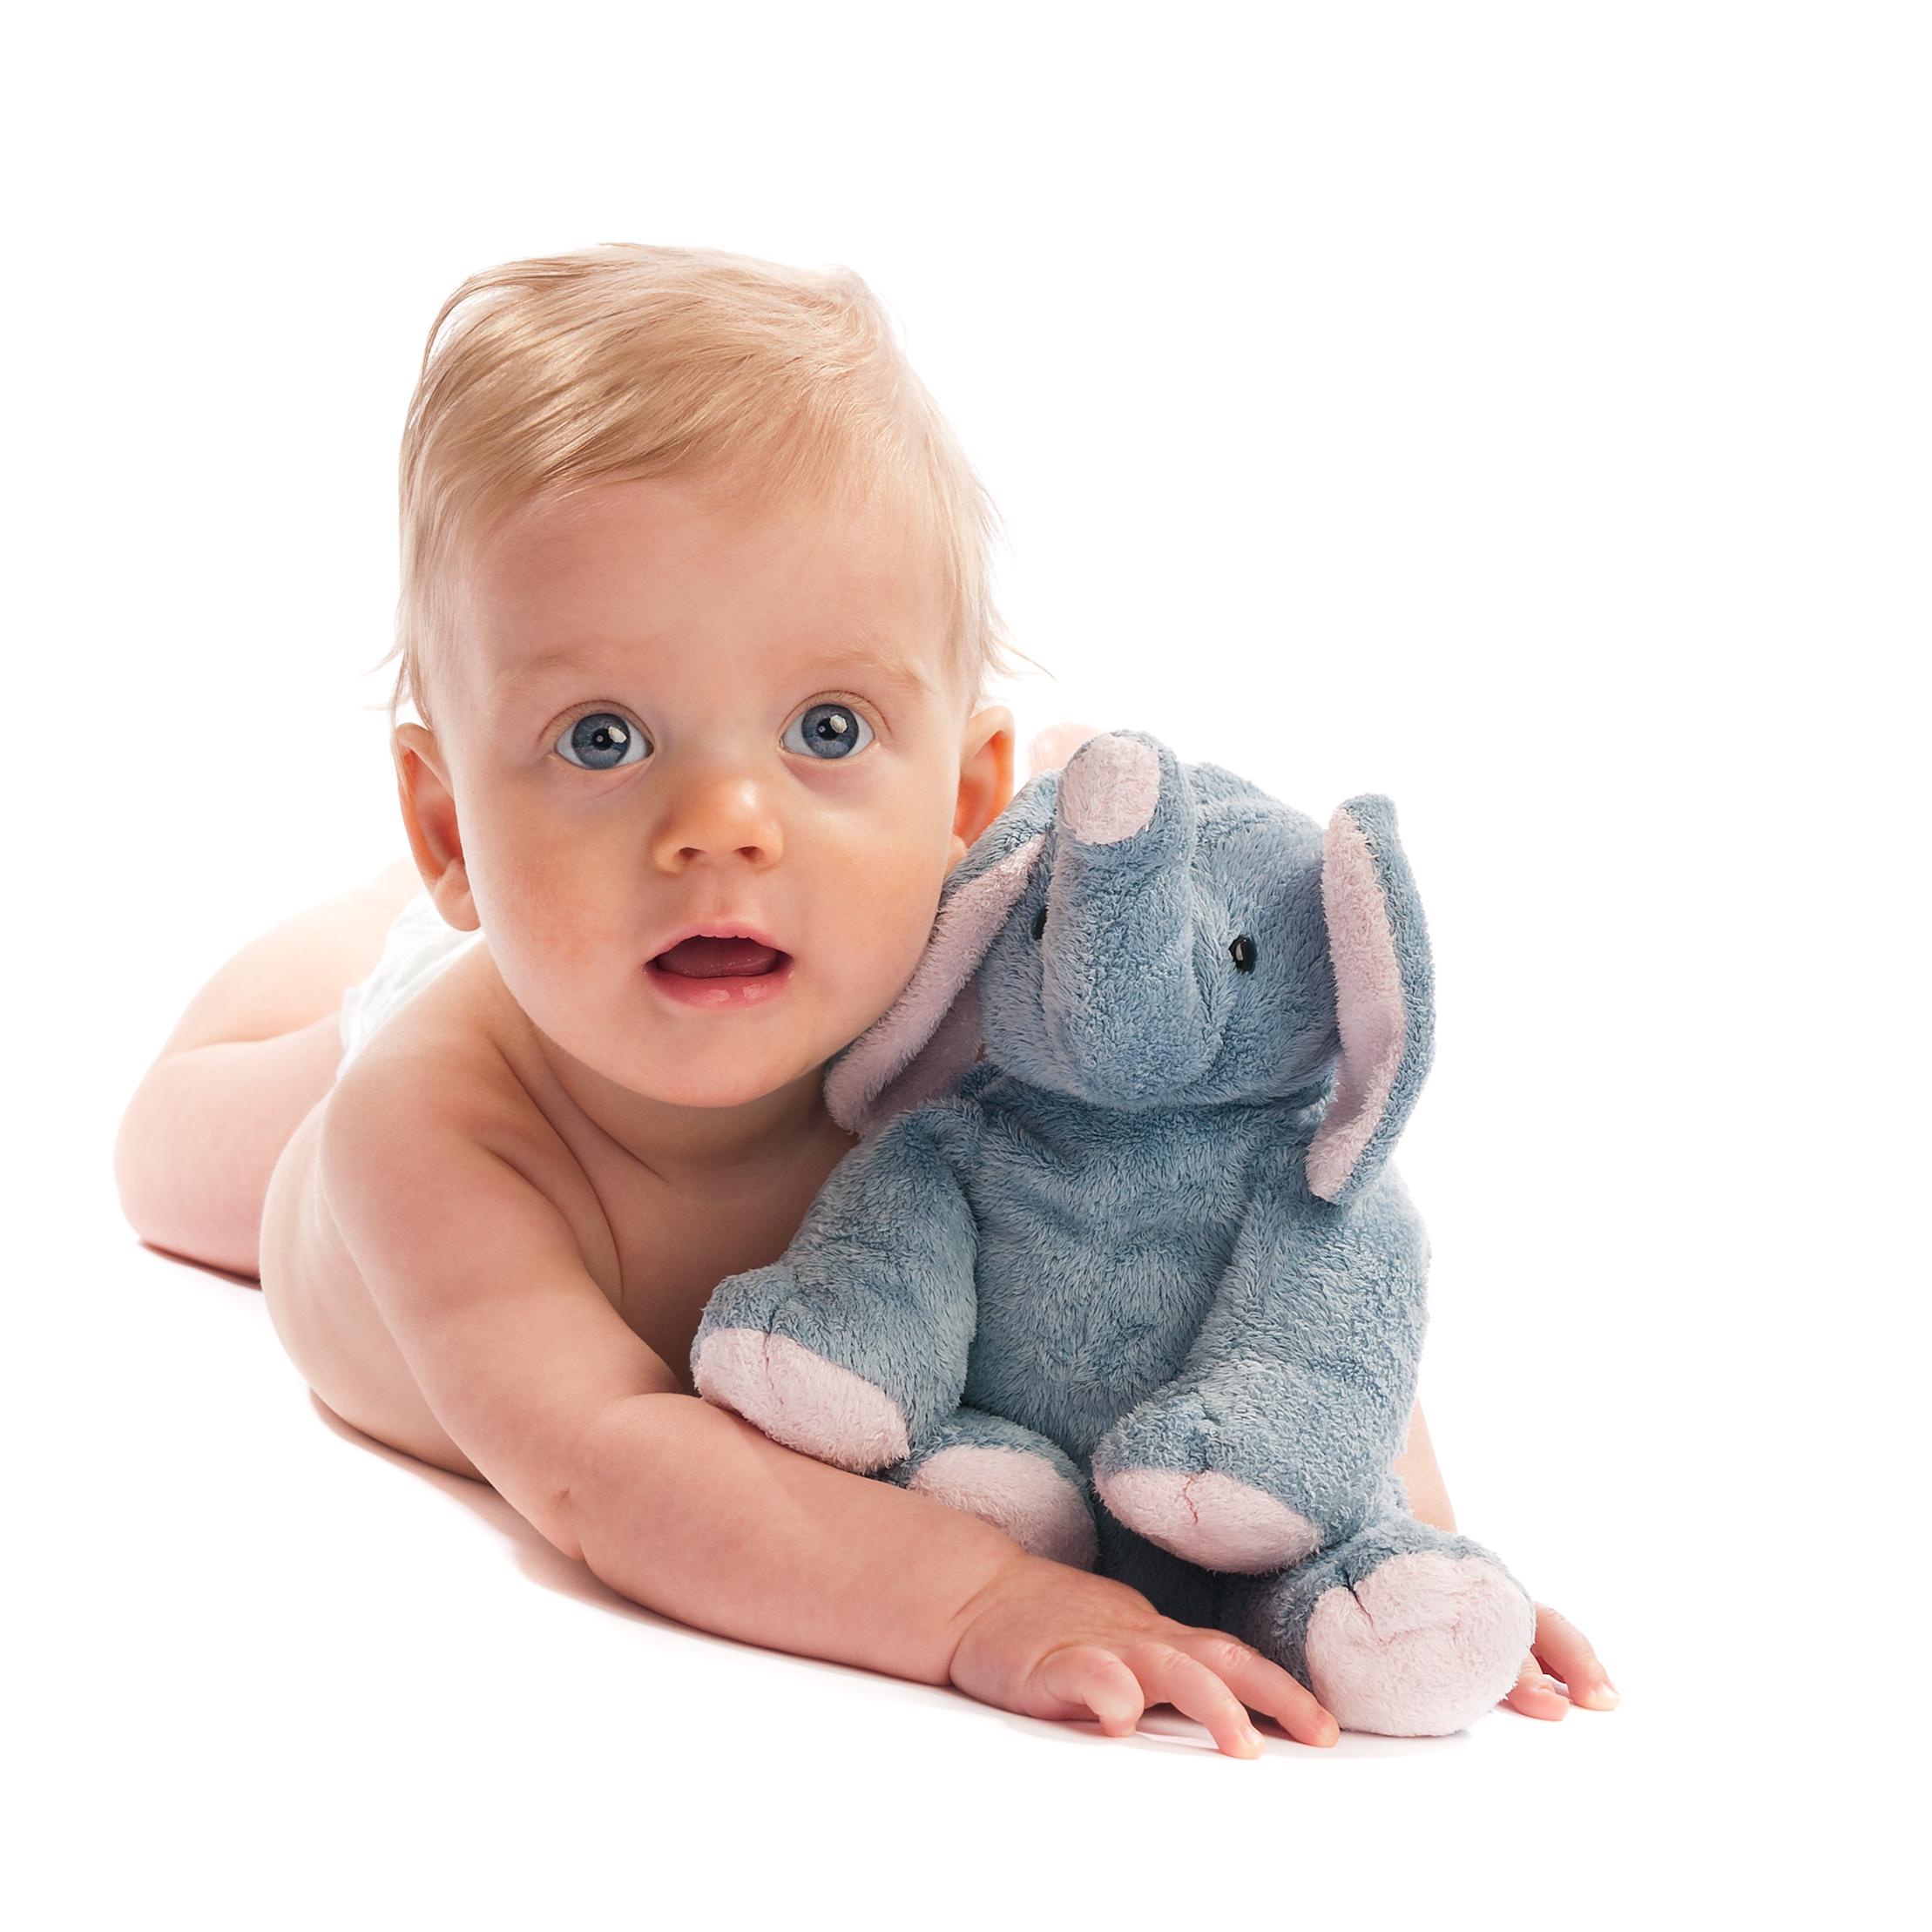 Elephant baby trend